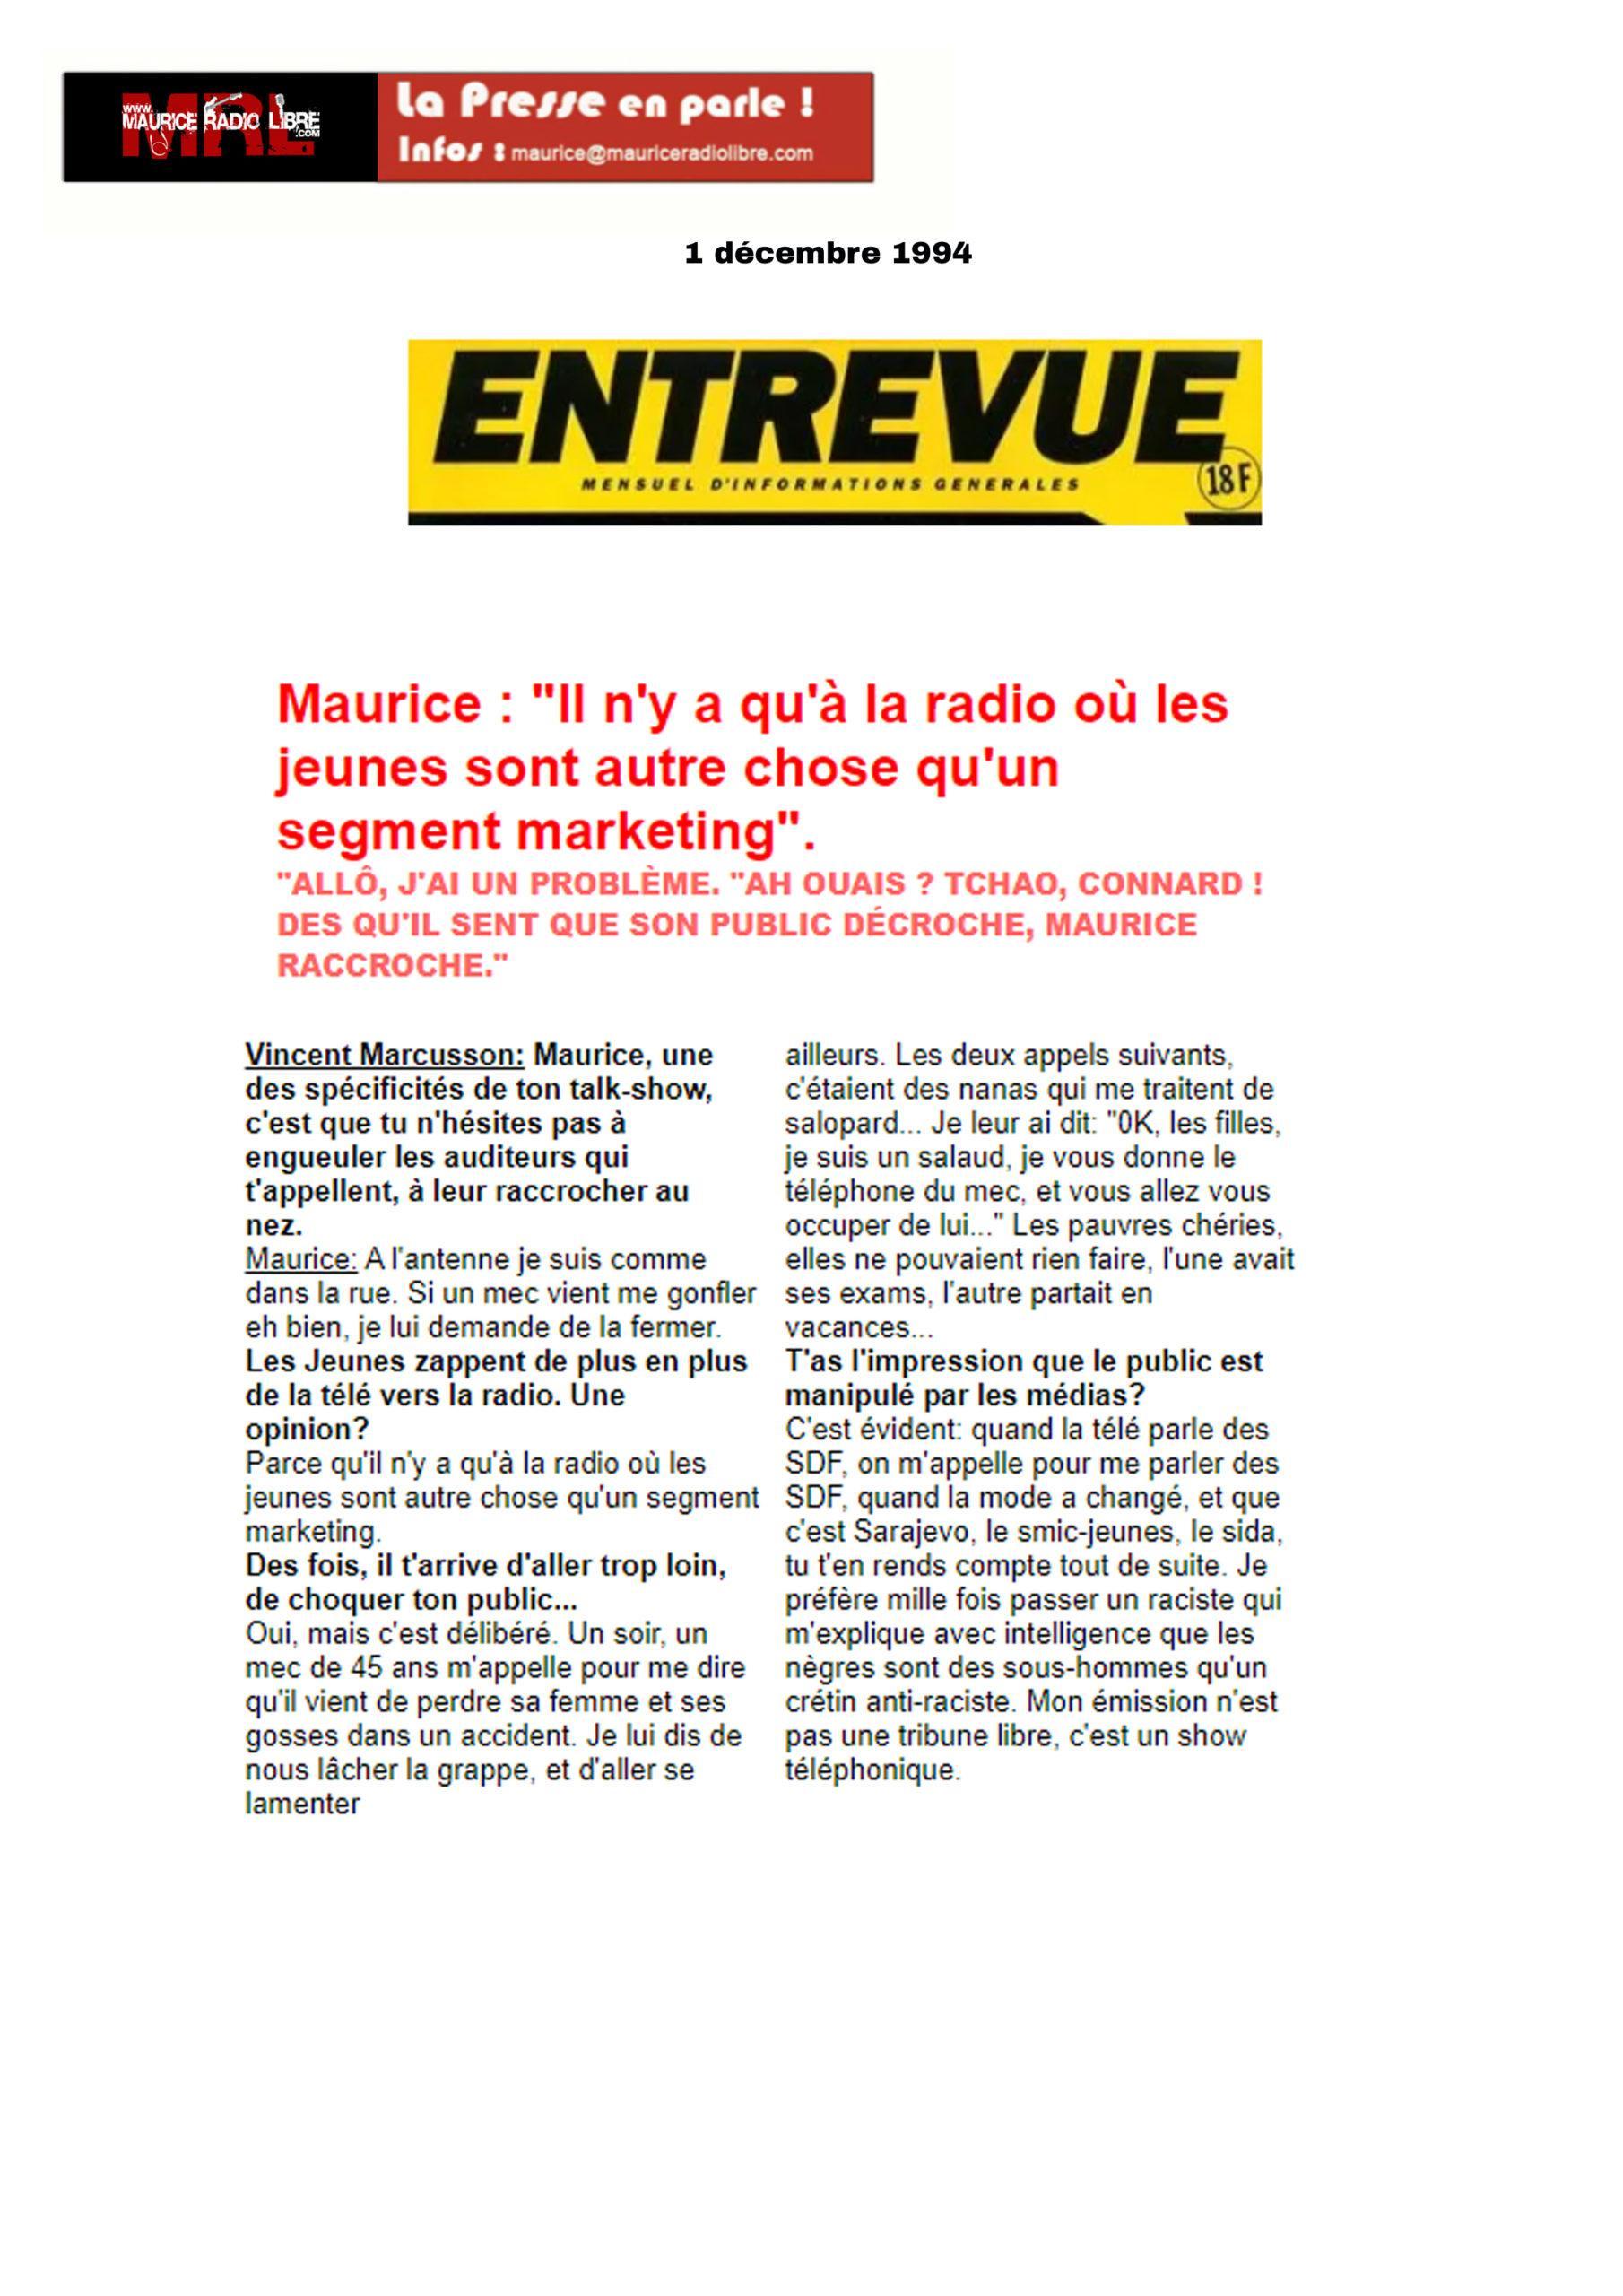 vignette Entrevue Il n'y a qu'à la radio où les jeunes sont autre chose qu'un segment marketing - 01/12/1994